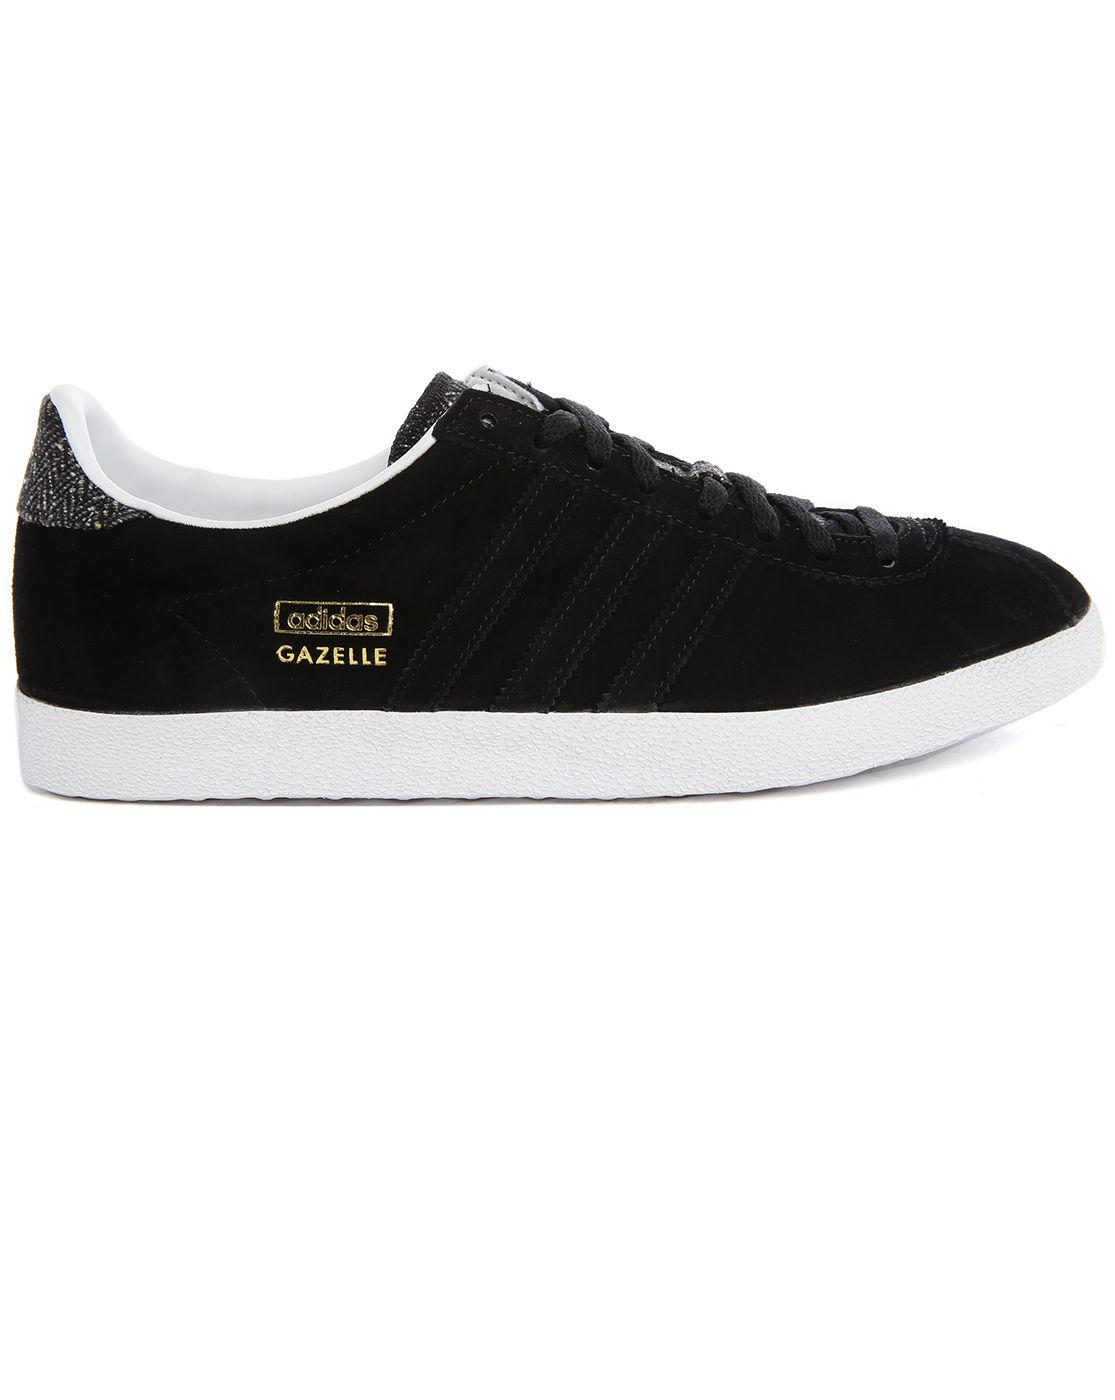 adidas originals gazelle grey chevron black tweed sneakers